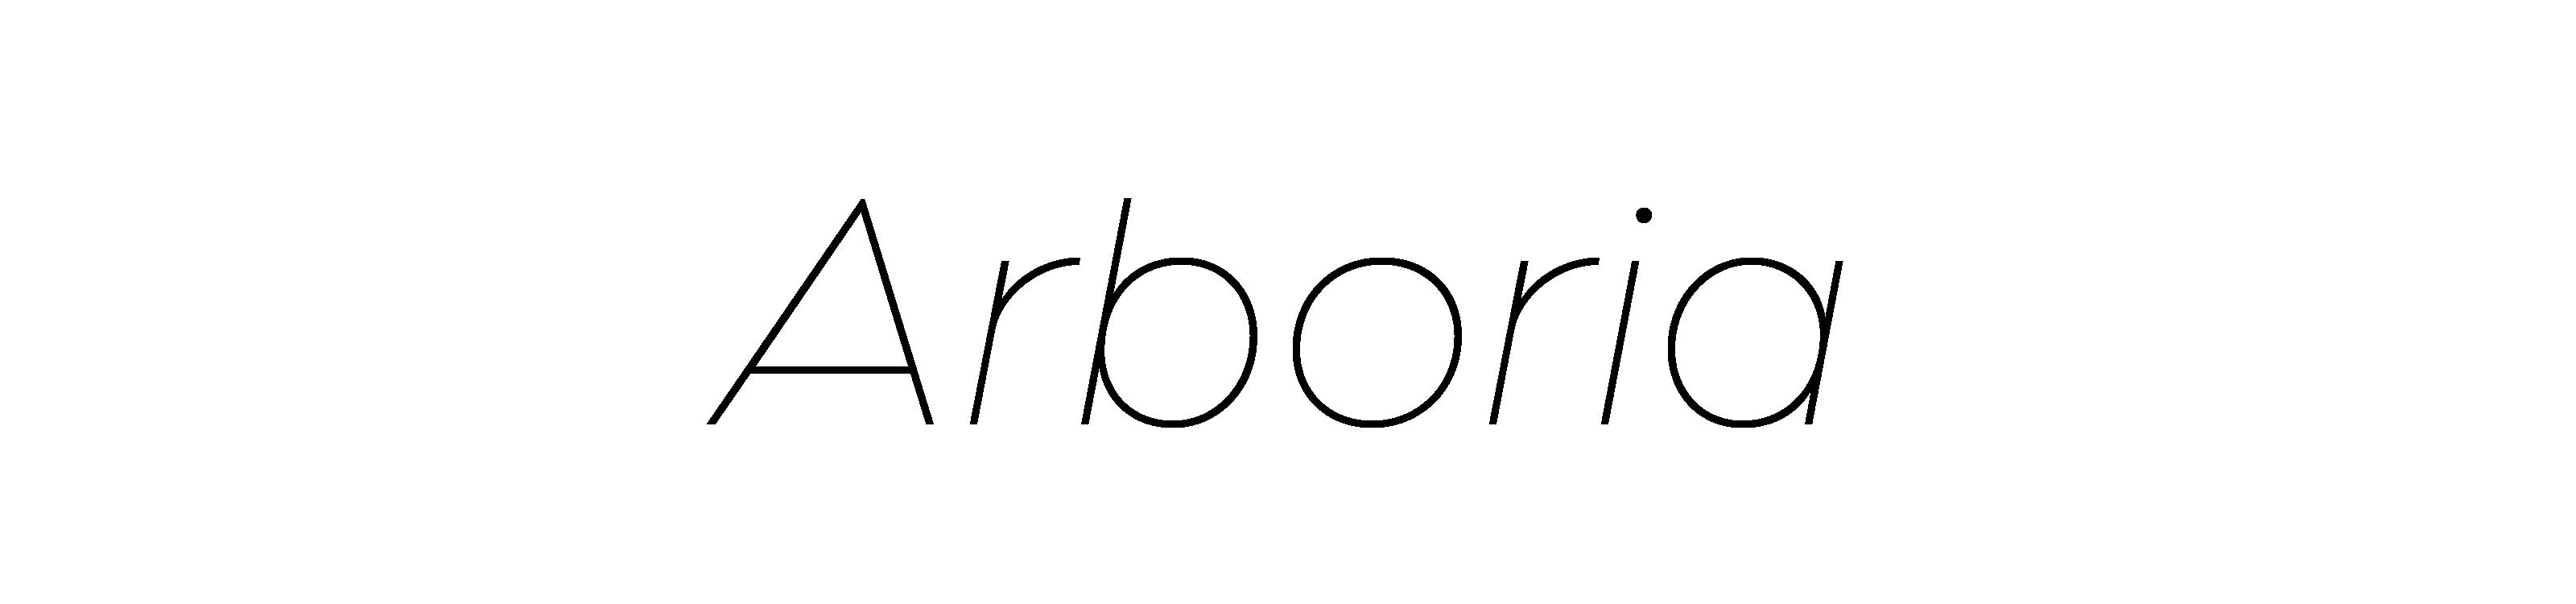 arboria black font